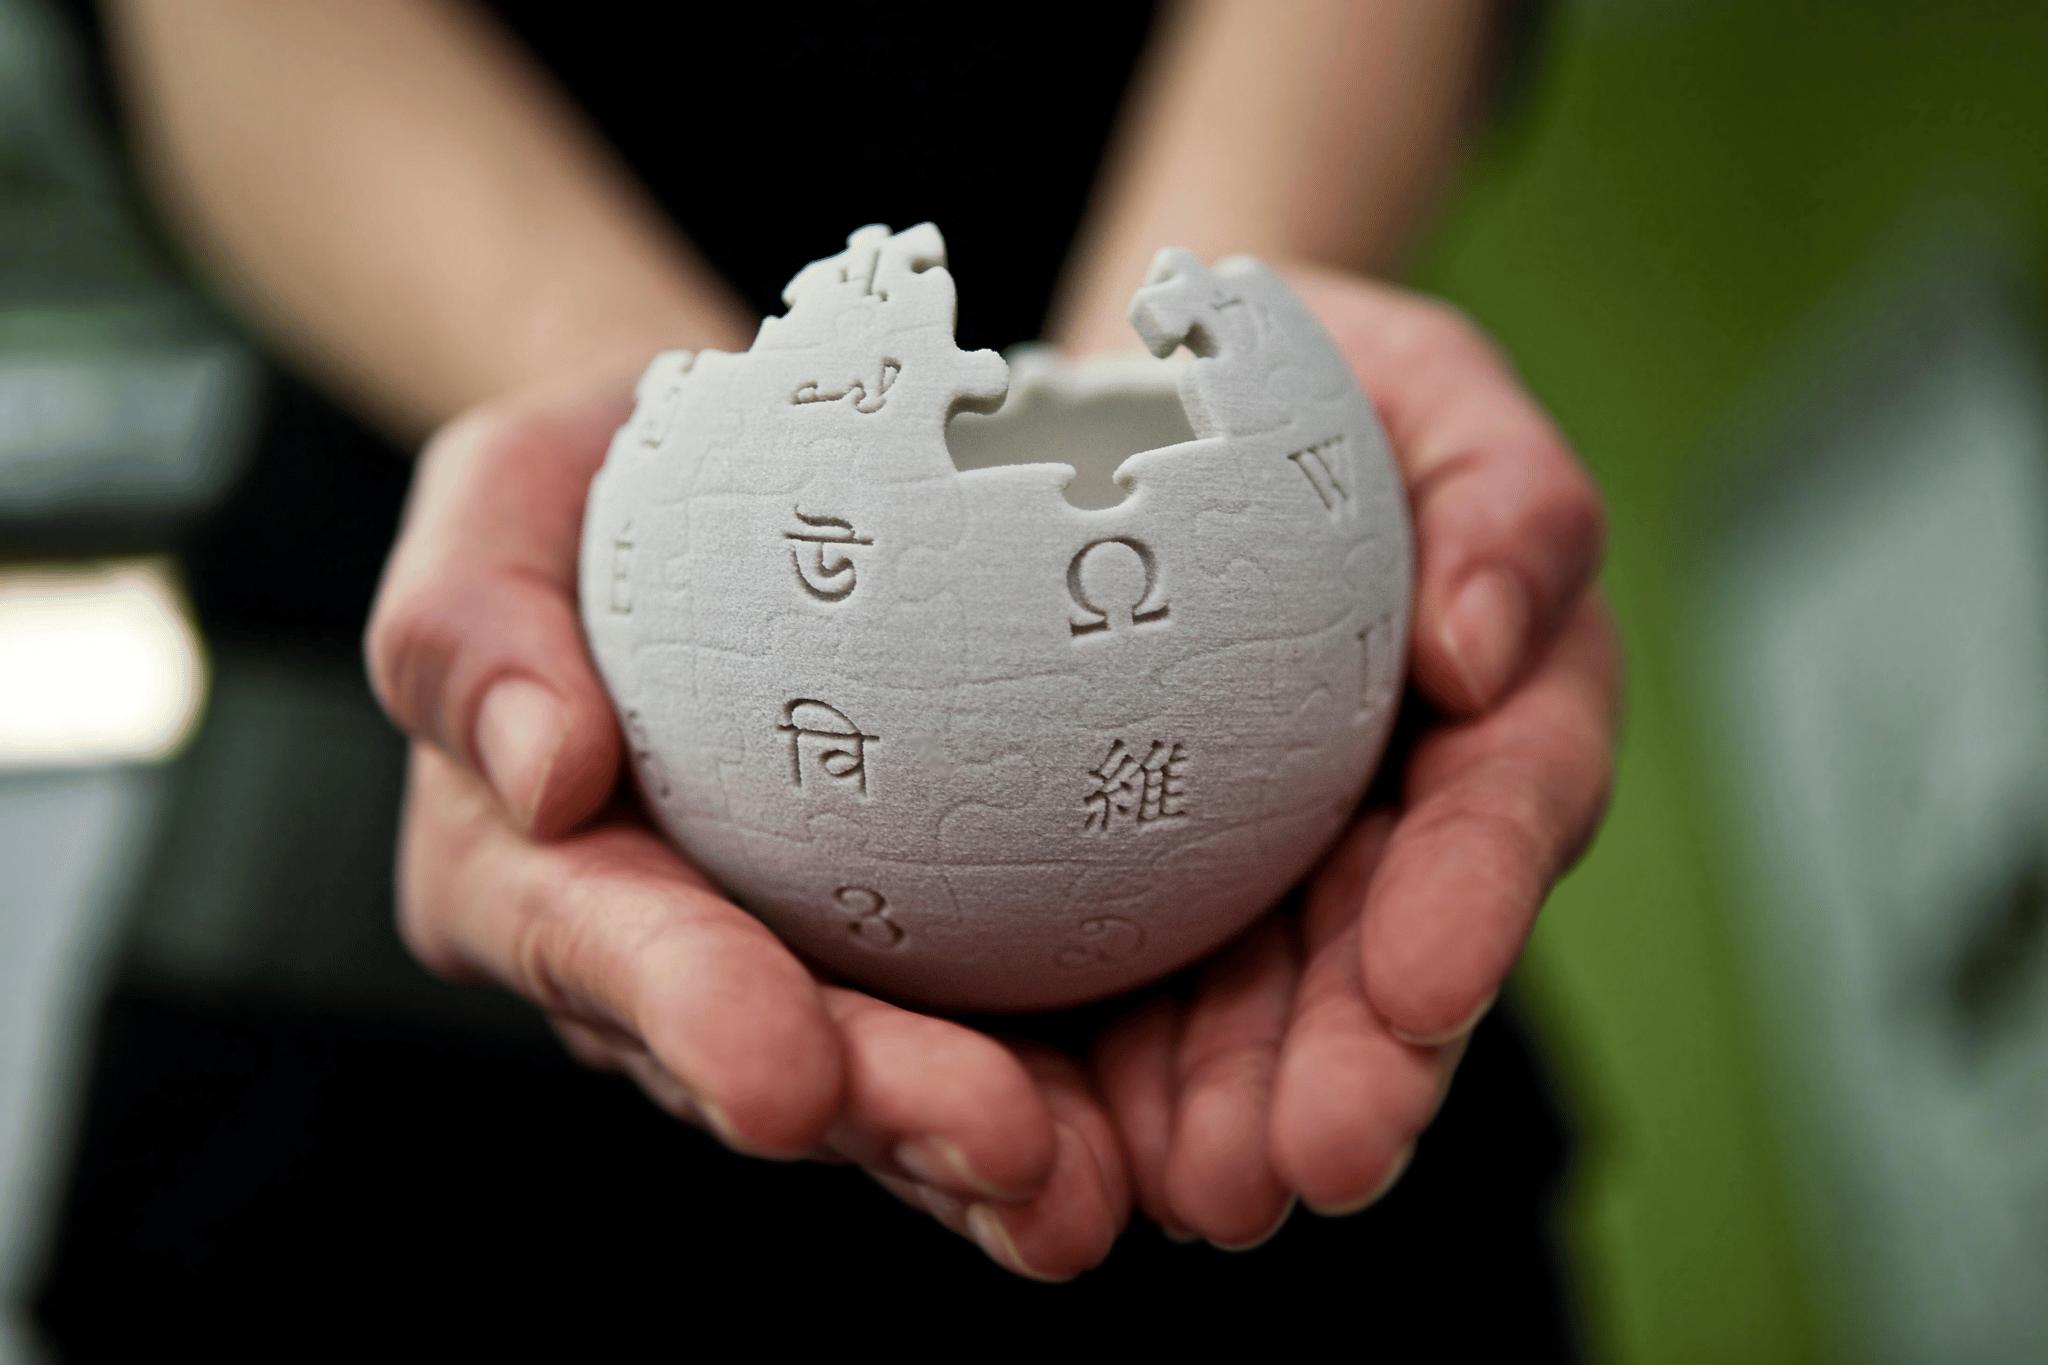 Wikipédia est accessible en Chine dans sa version française.